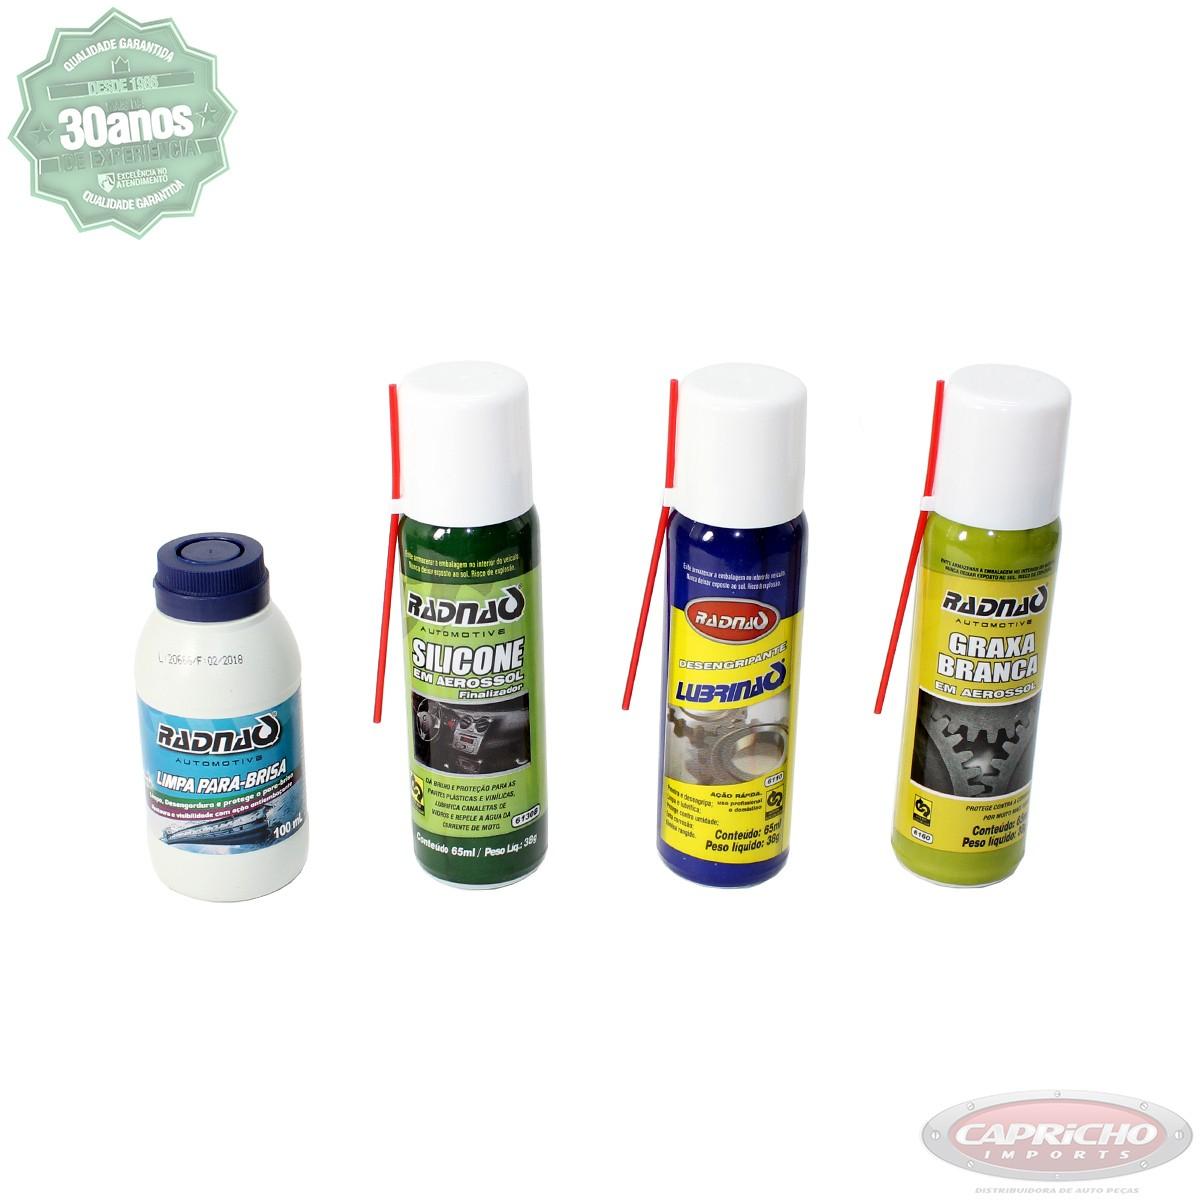 Kit Revisão e limpeza de Veículos com 4 produtos - Radnaq